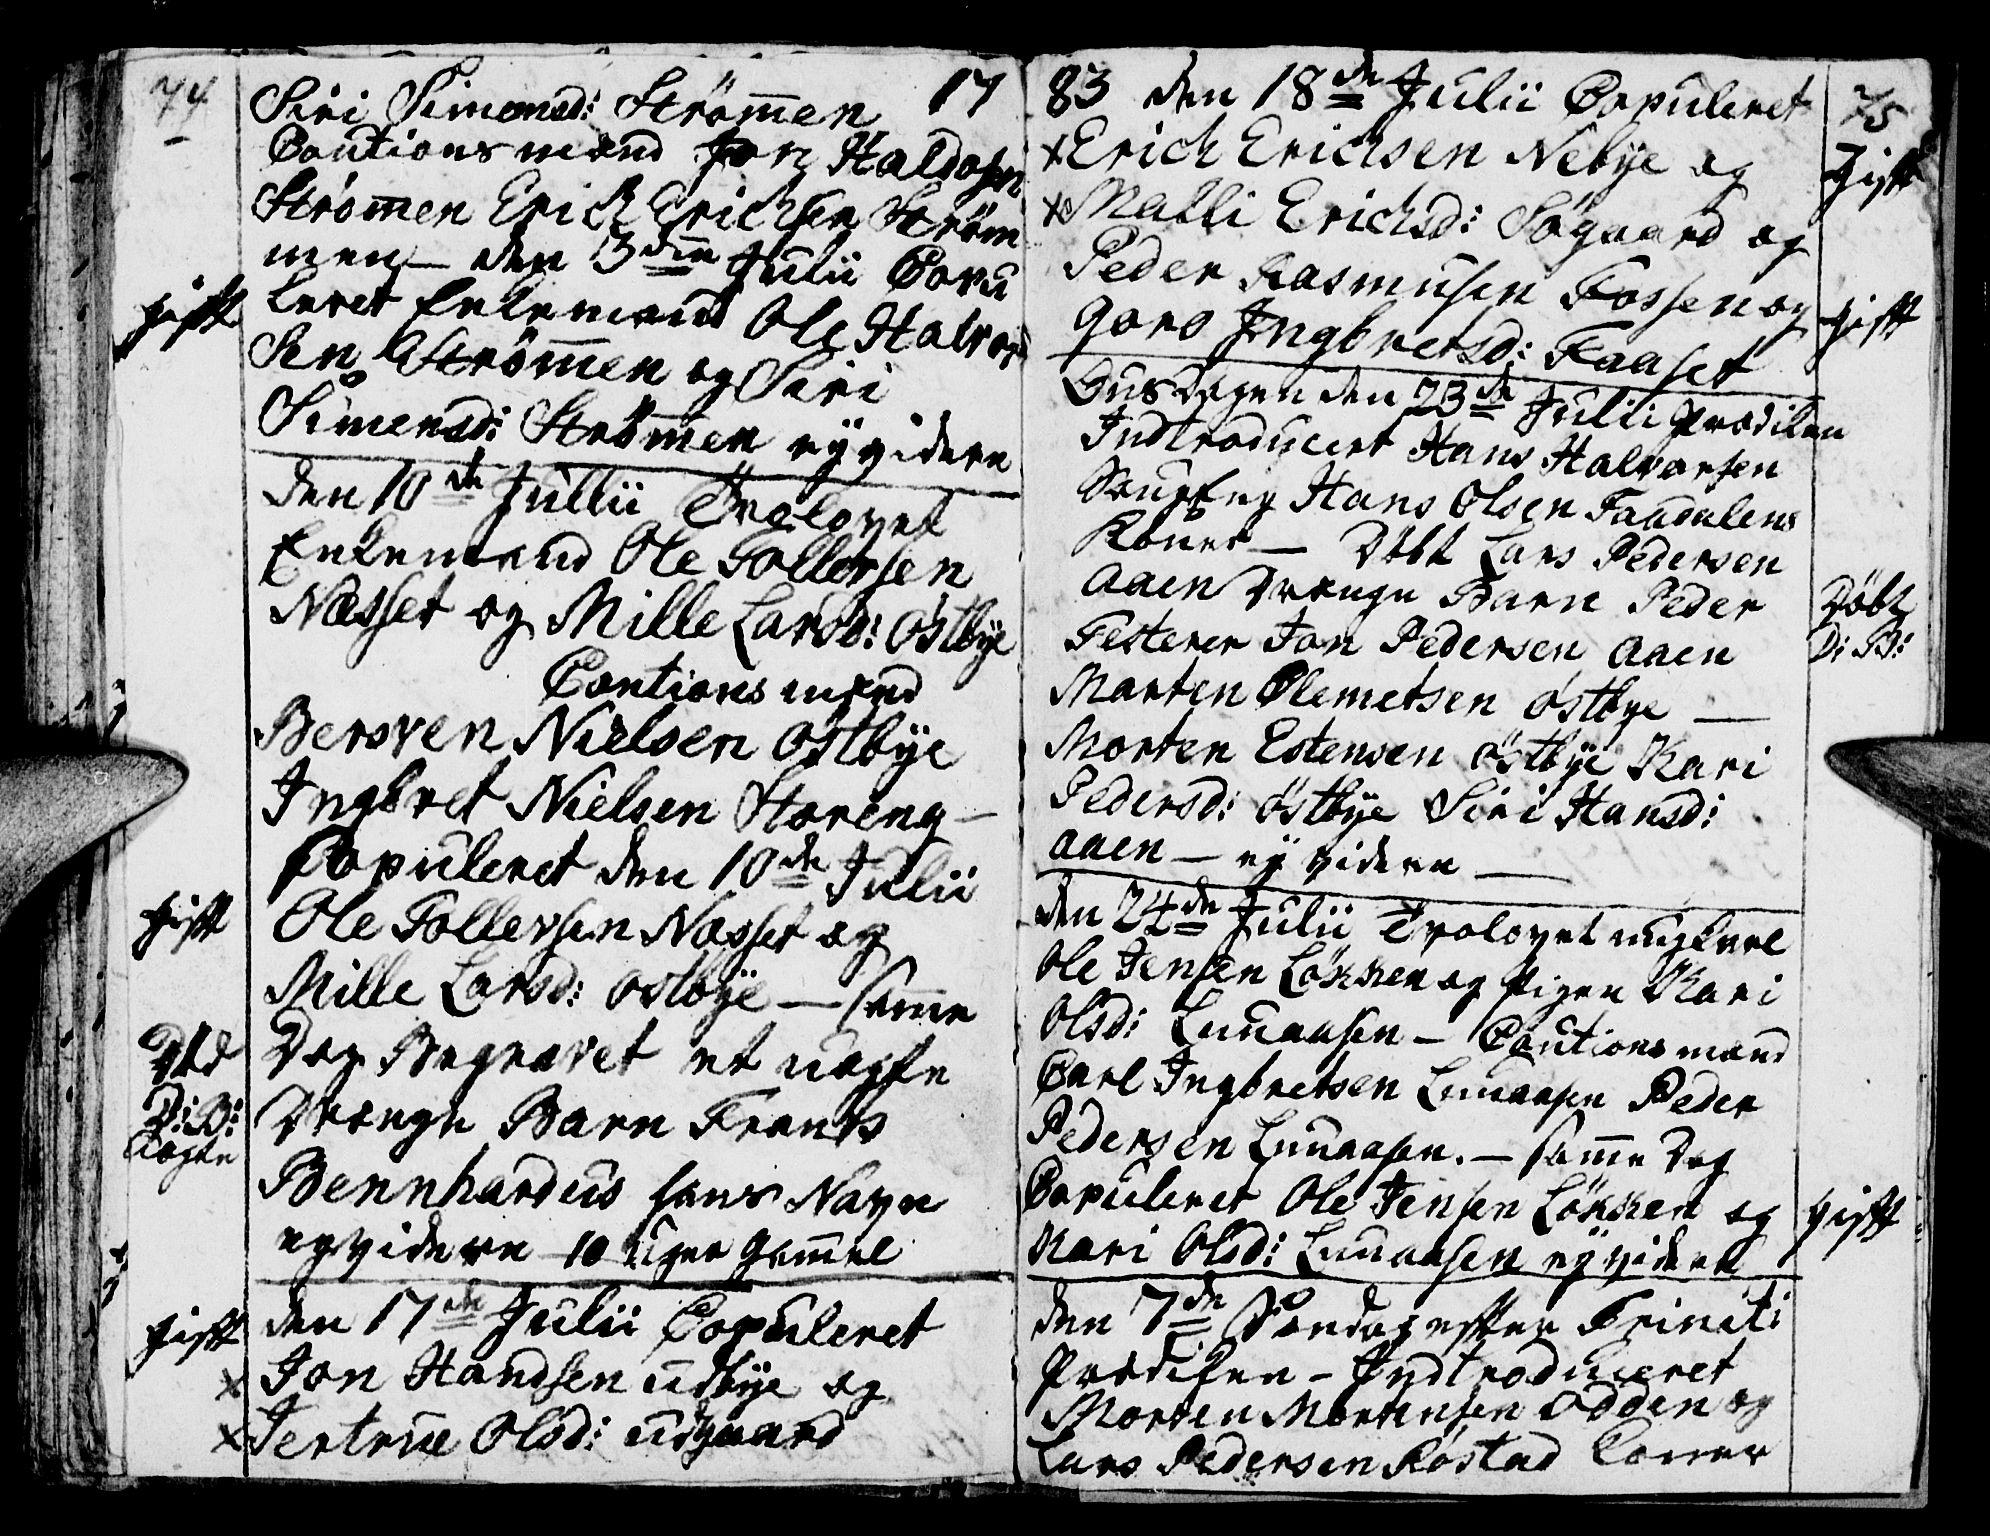 SAH, Tynset prestekontor, Parish register (official) no. 12, 1780-1784, p. 74-75